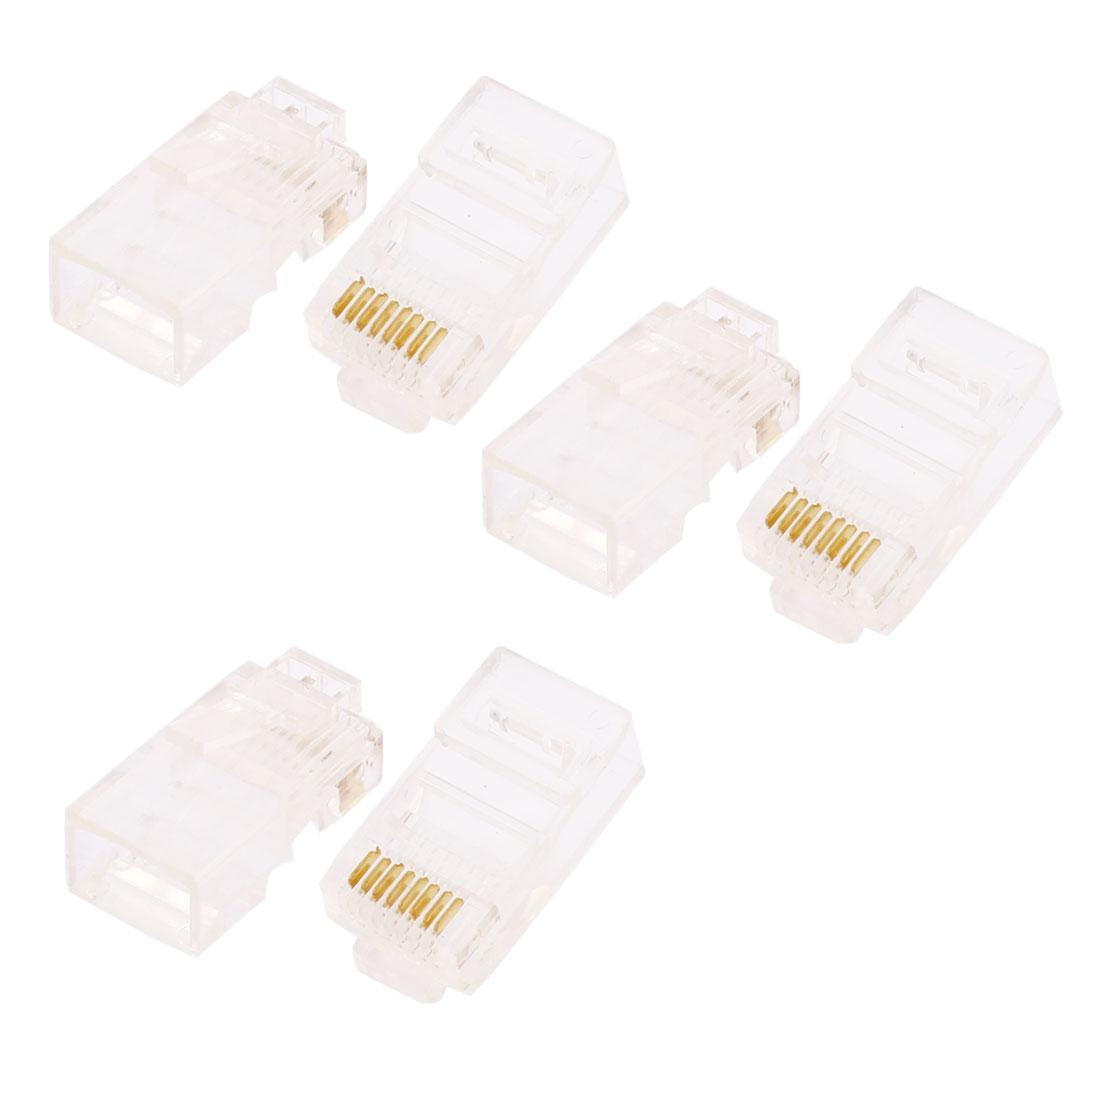 Cat5 Network LAN Cable 8P8C RJ45 Connector Modular Plug End 6pcs